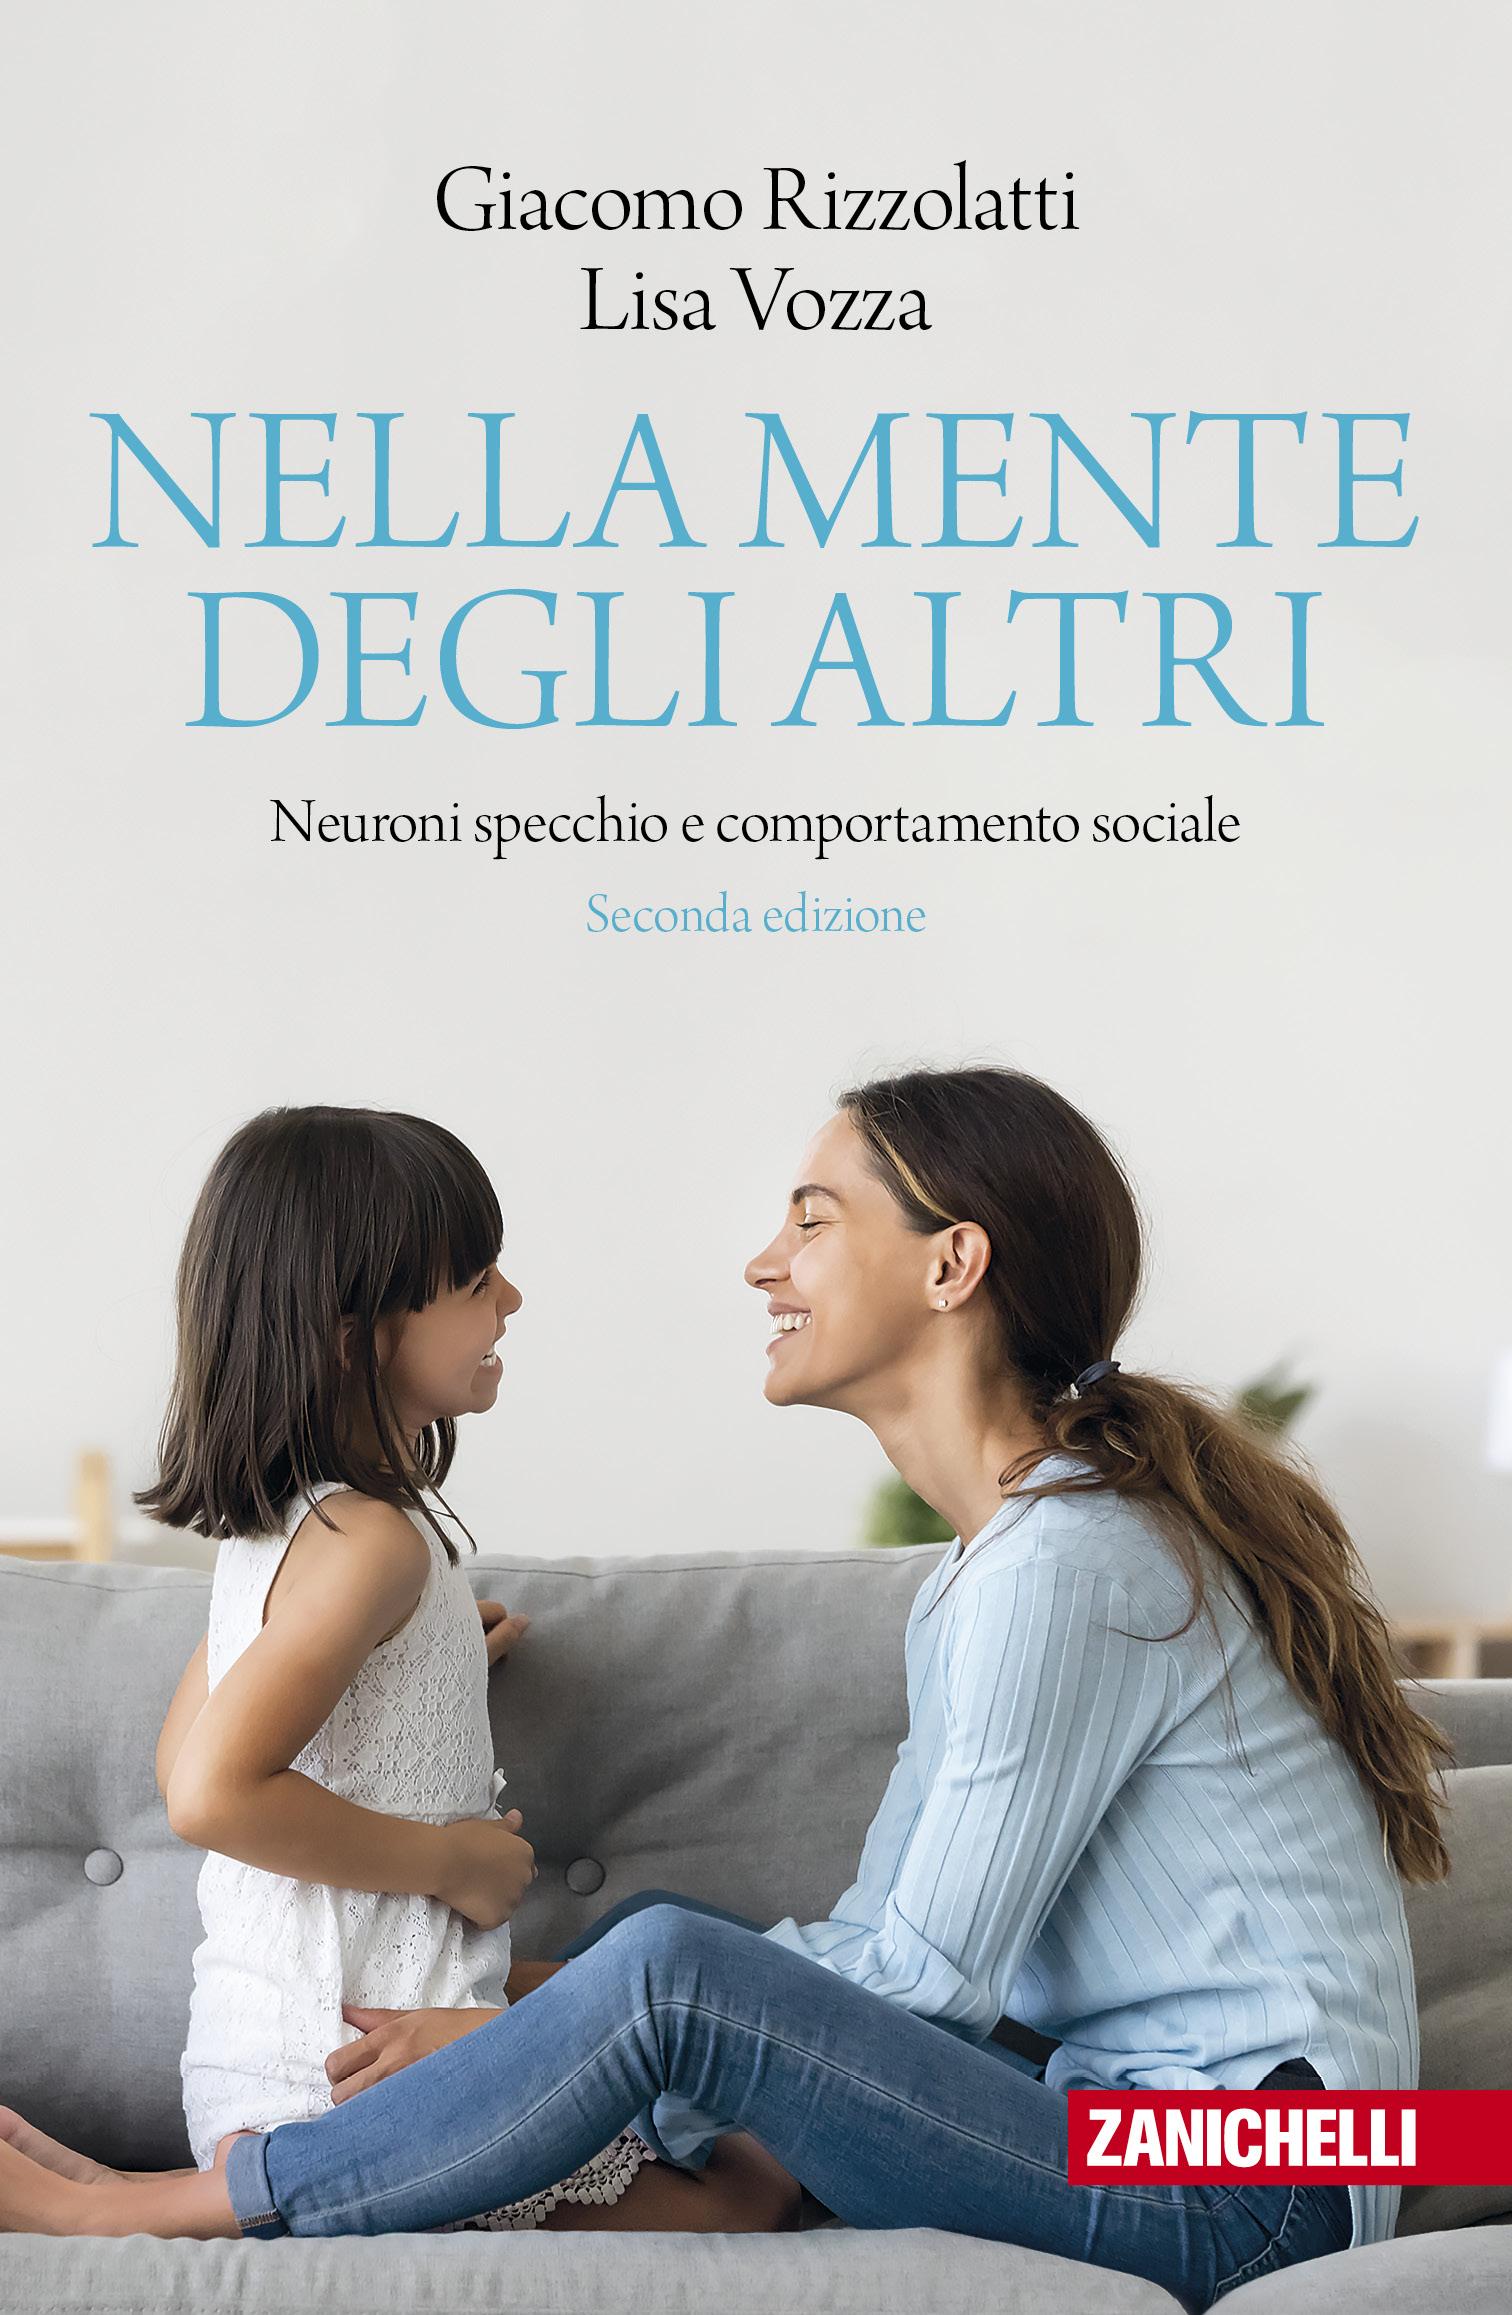 Giacomo Rizzolatti e Lisa Vozza - Nella mente degli altri